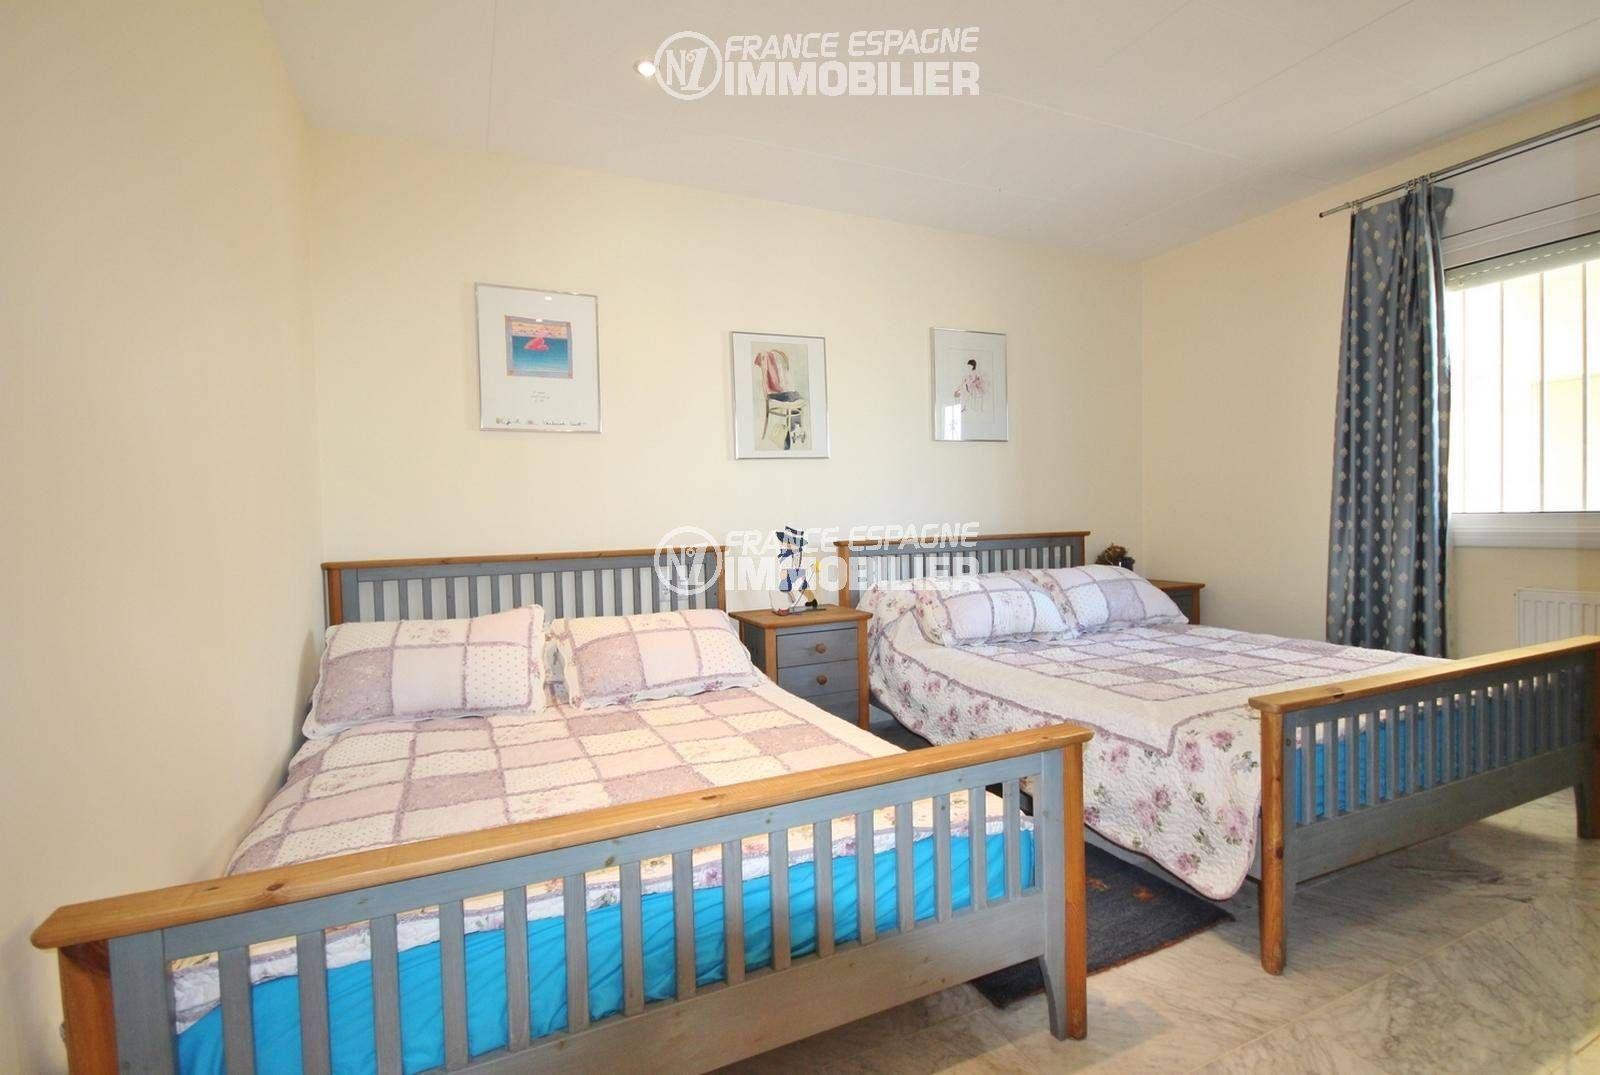 vente maison rosas espagne, ref.3326, chambre 3, avec 2 lits doubles